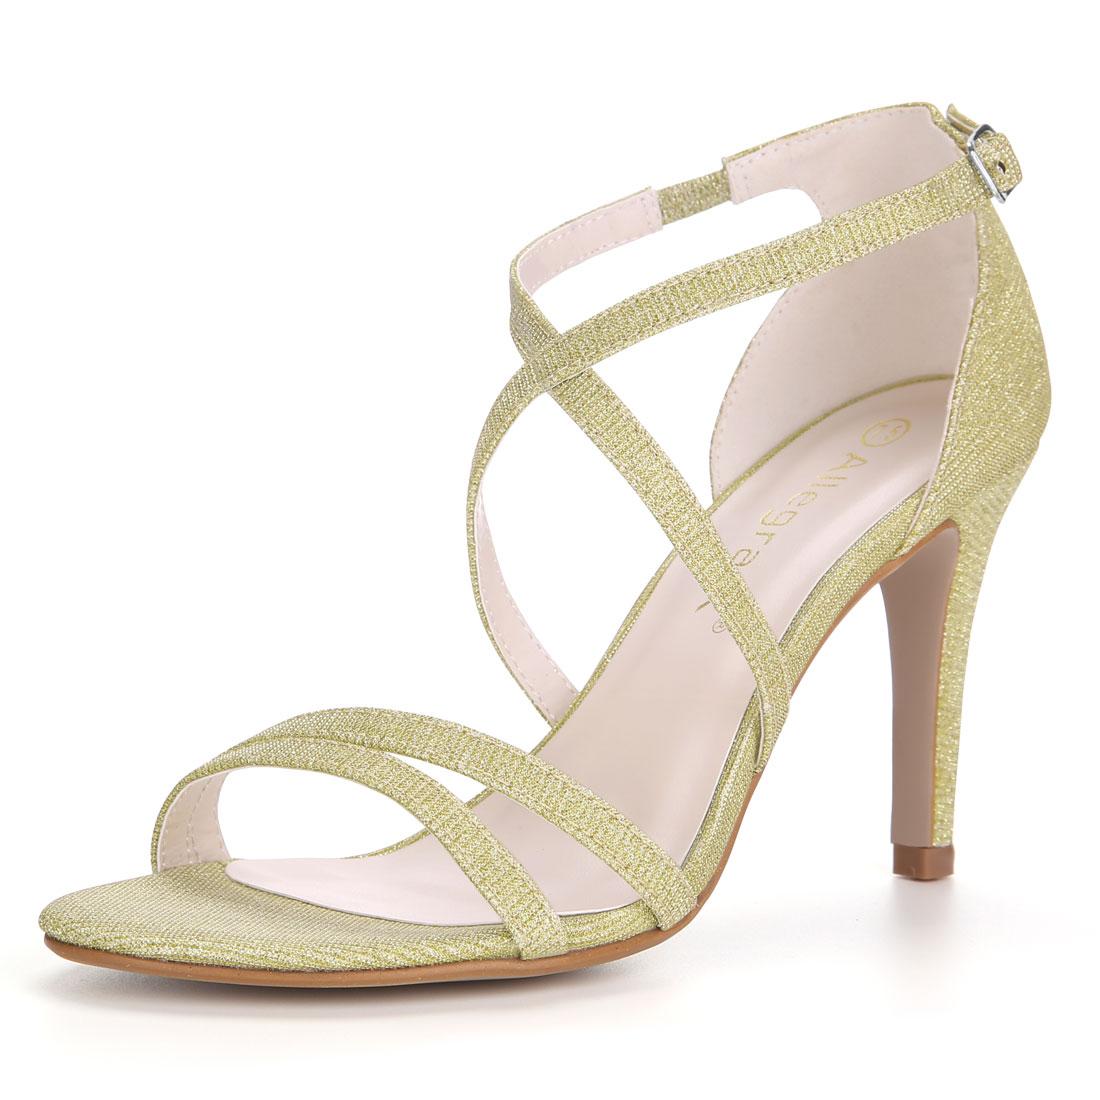 Allegra K Women's Glitter Design Stiletto Heel Strappy Sandals Gold US 8.5